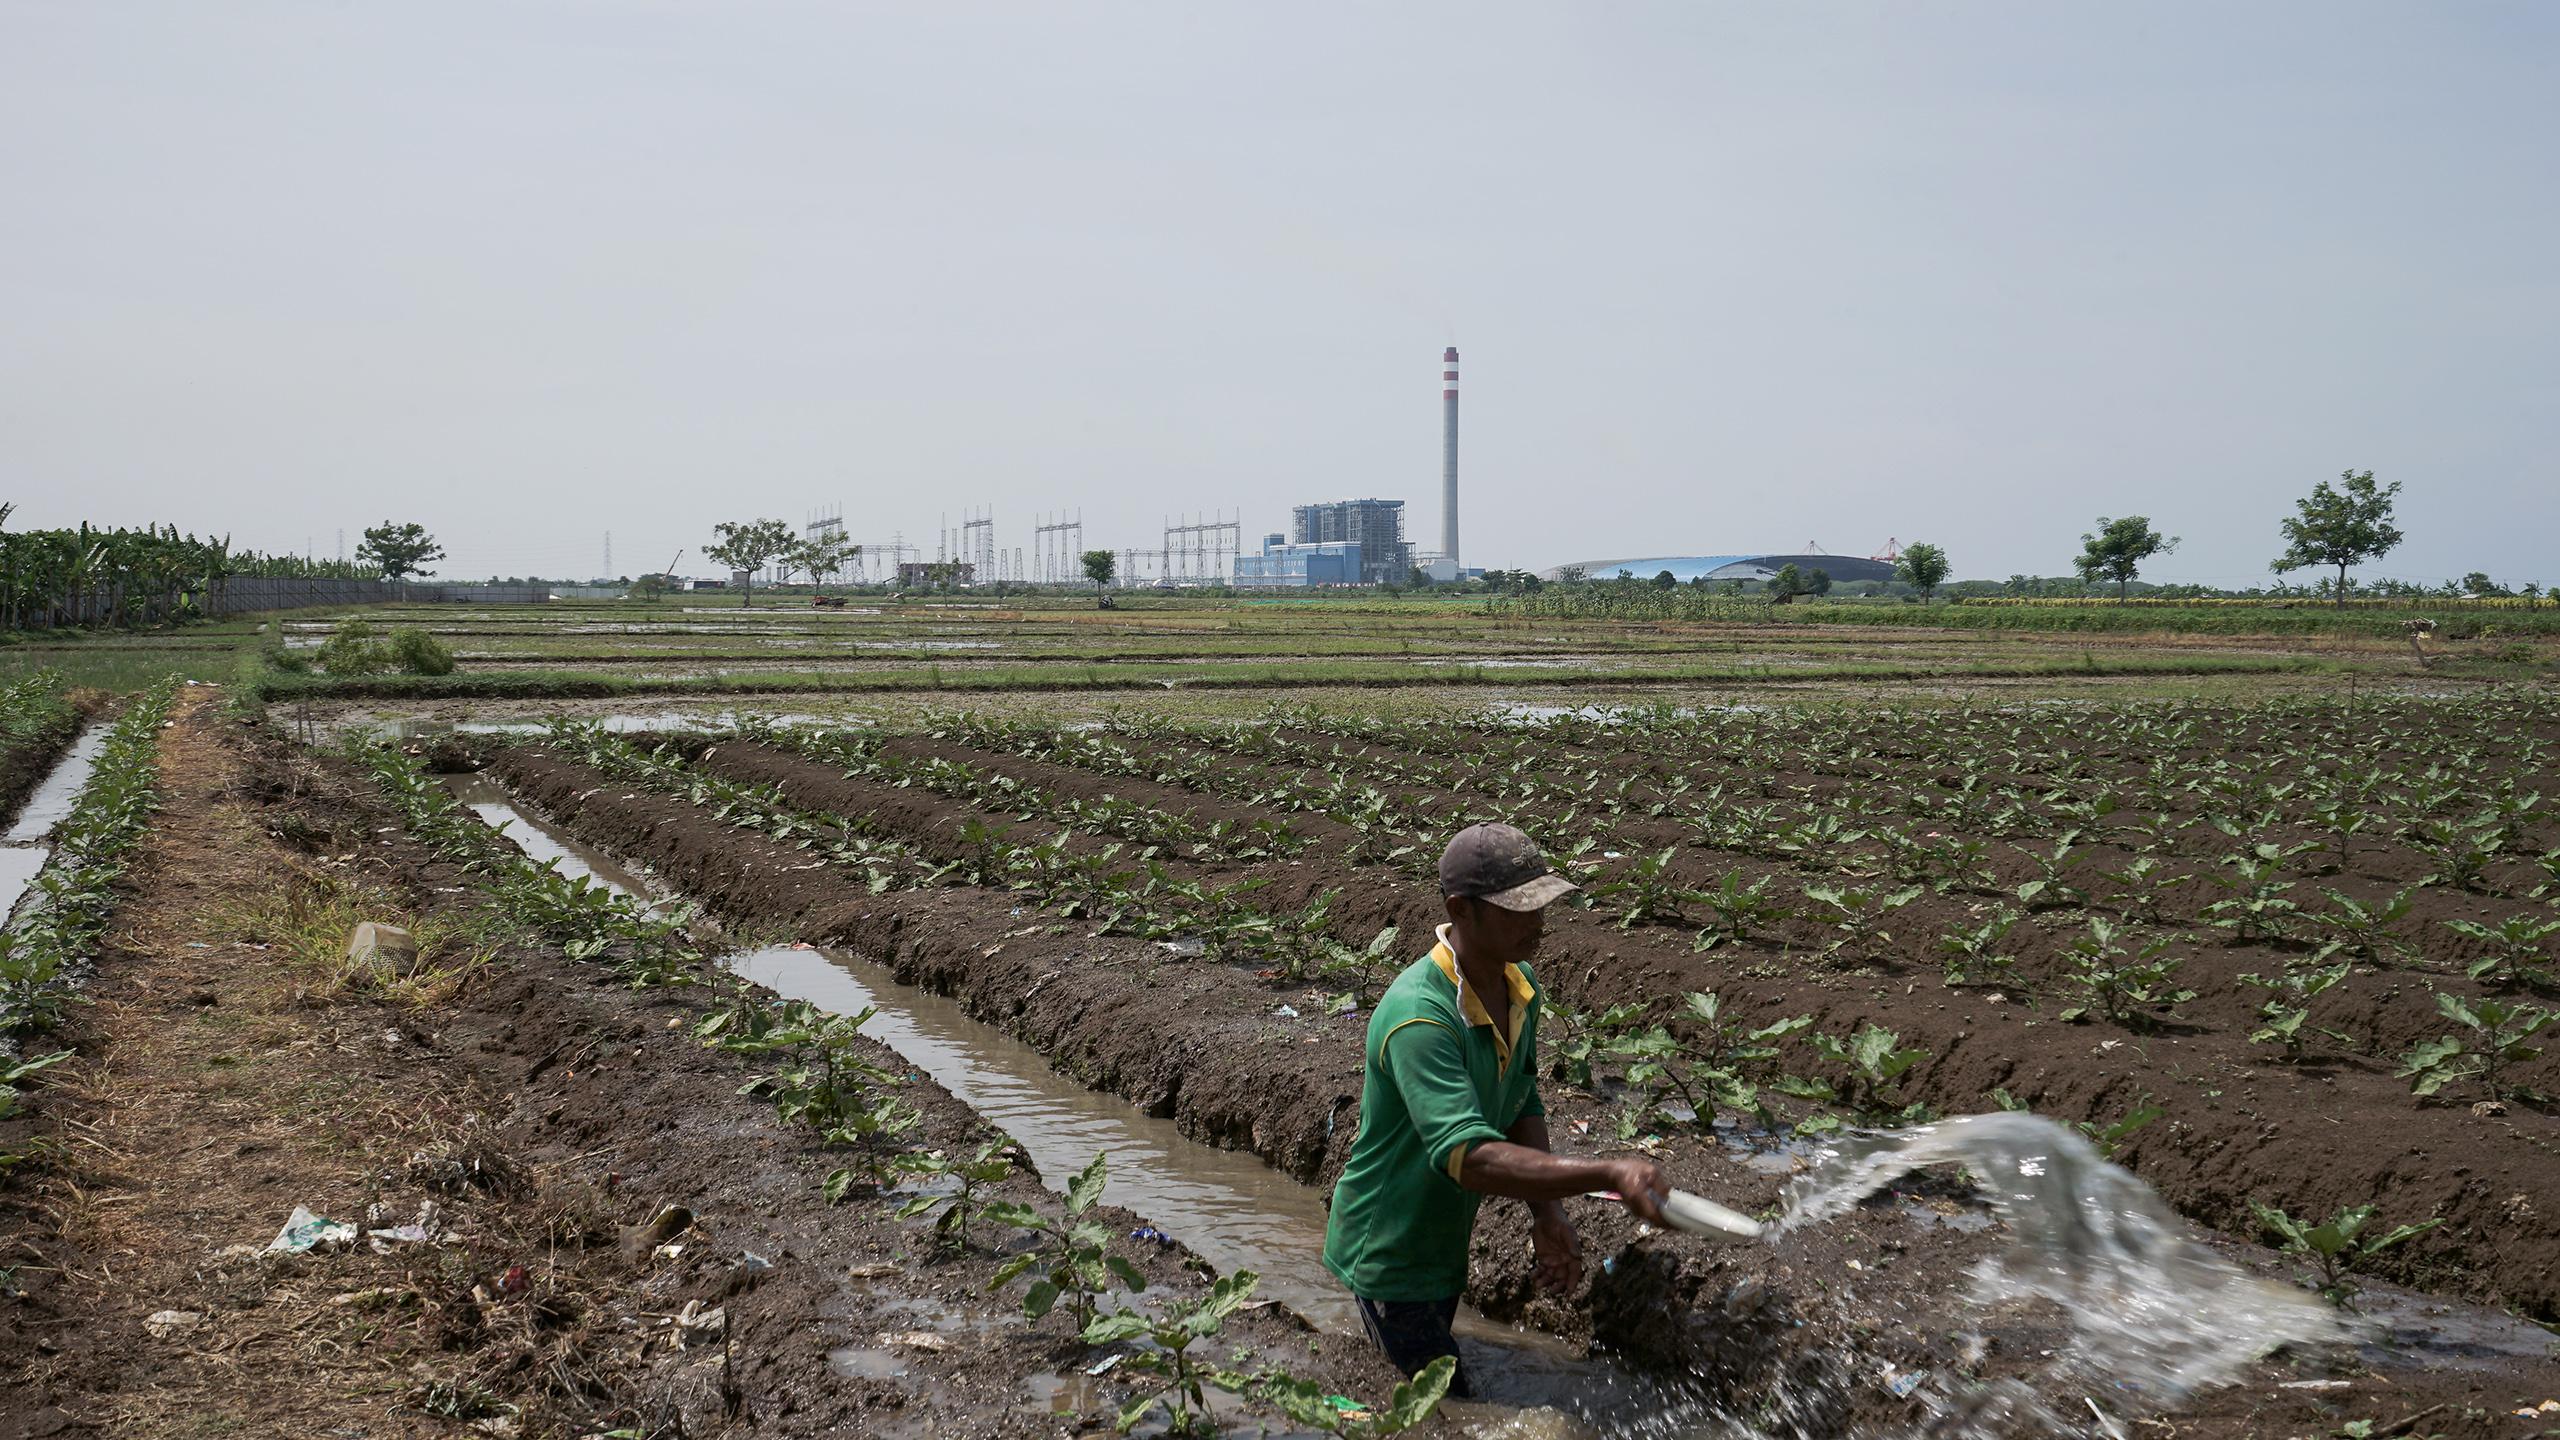 China Dialogue | China environment and climate news